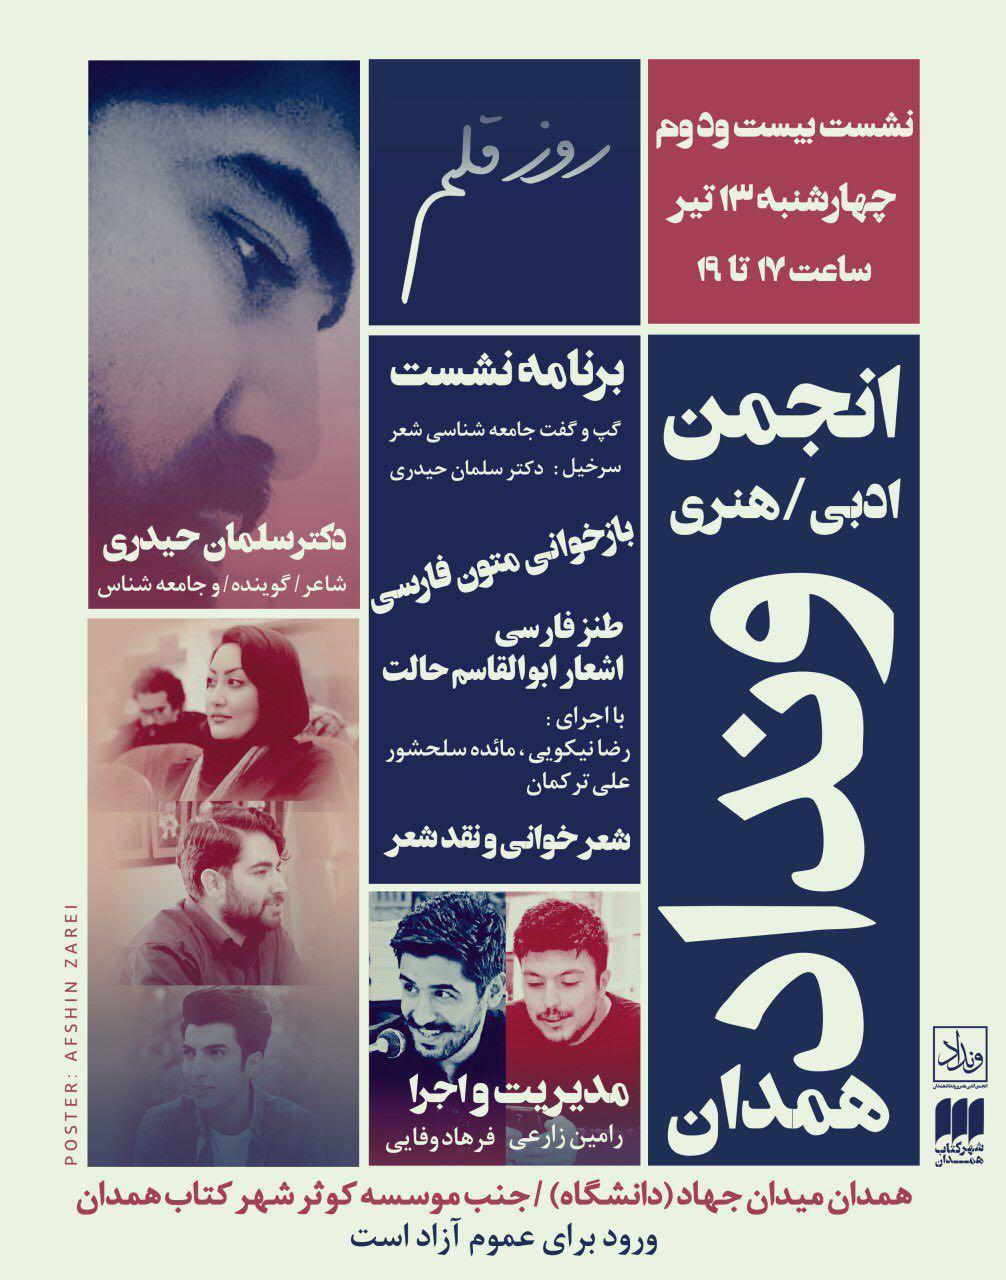 انجمن ادبی ونداد همدان